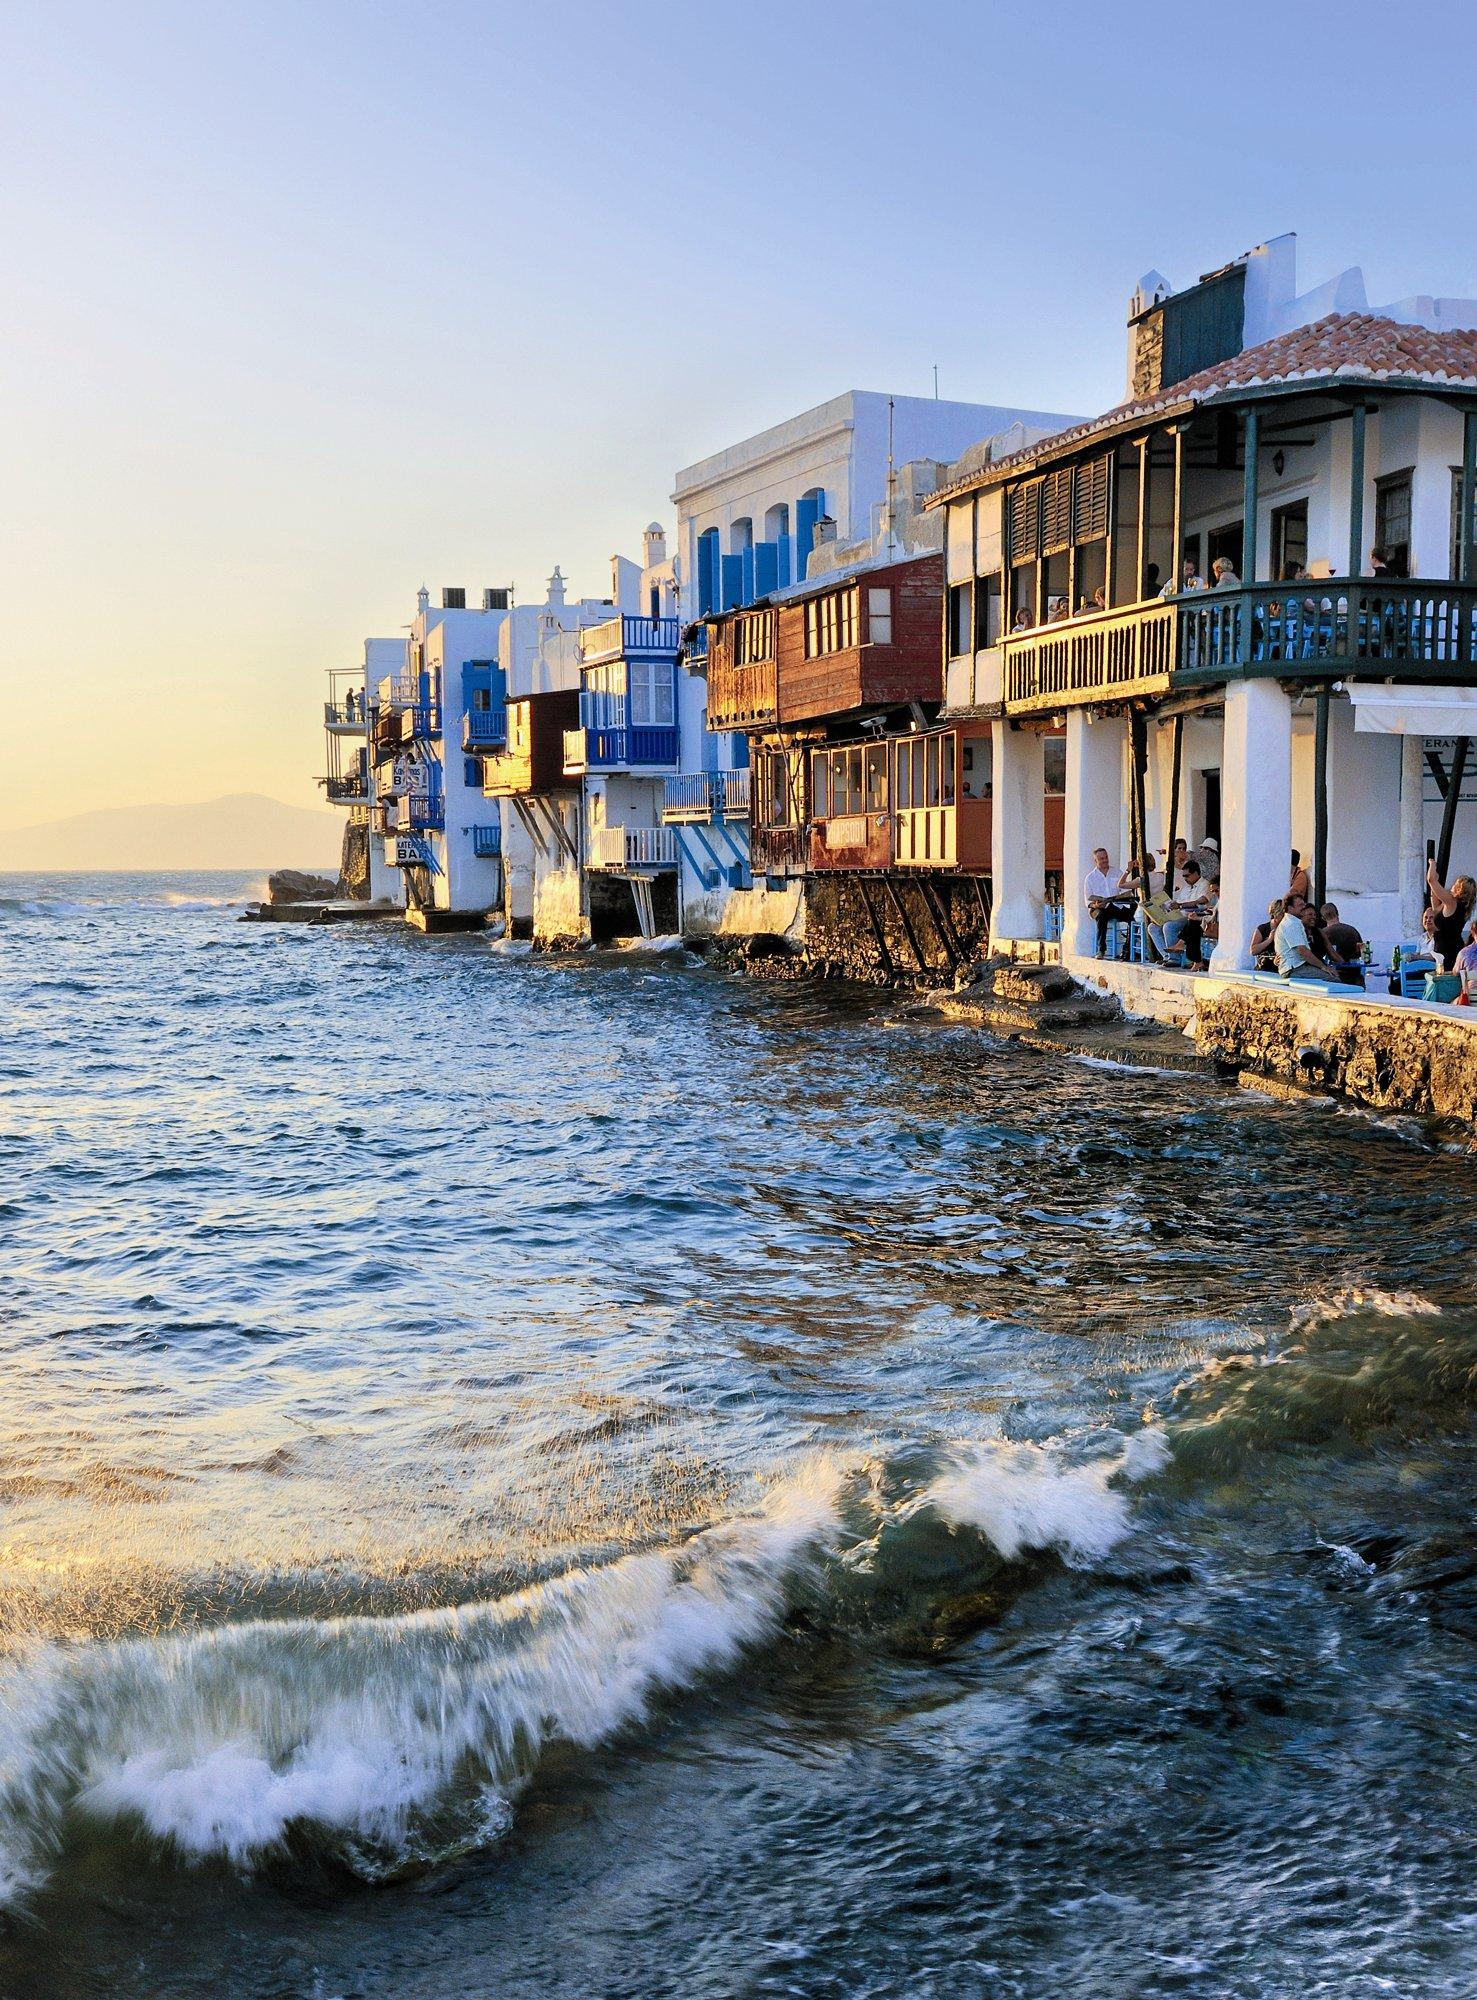 Las islas c cladas m s bonitas - Autoescuela 2000 barrio del puerto ...